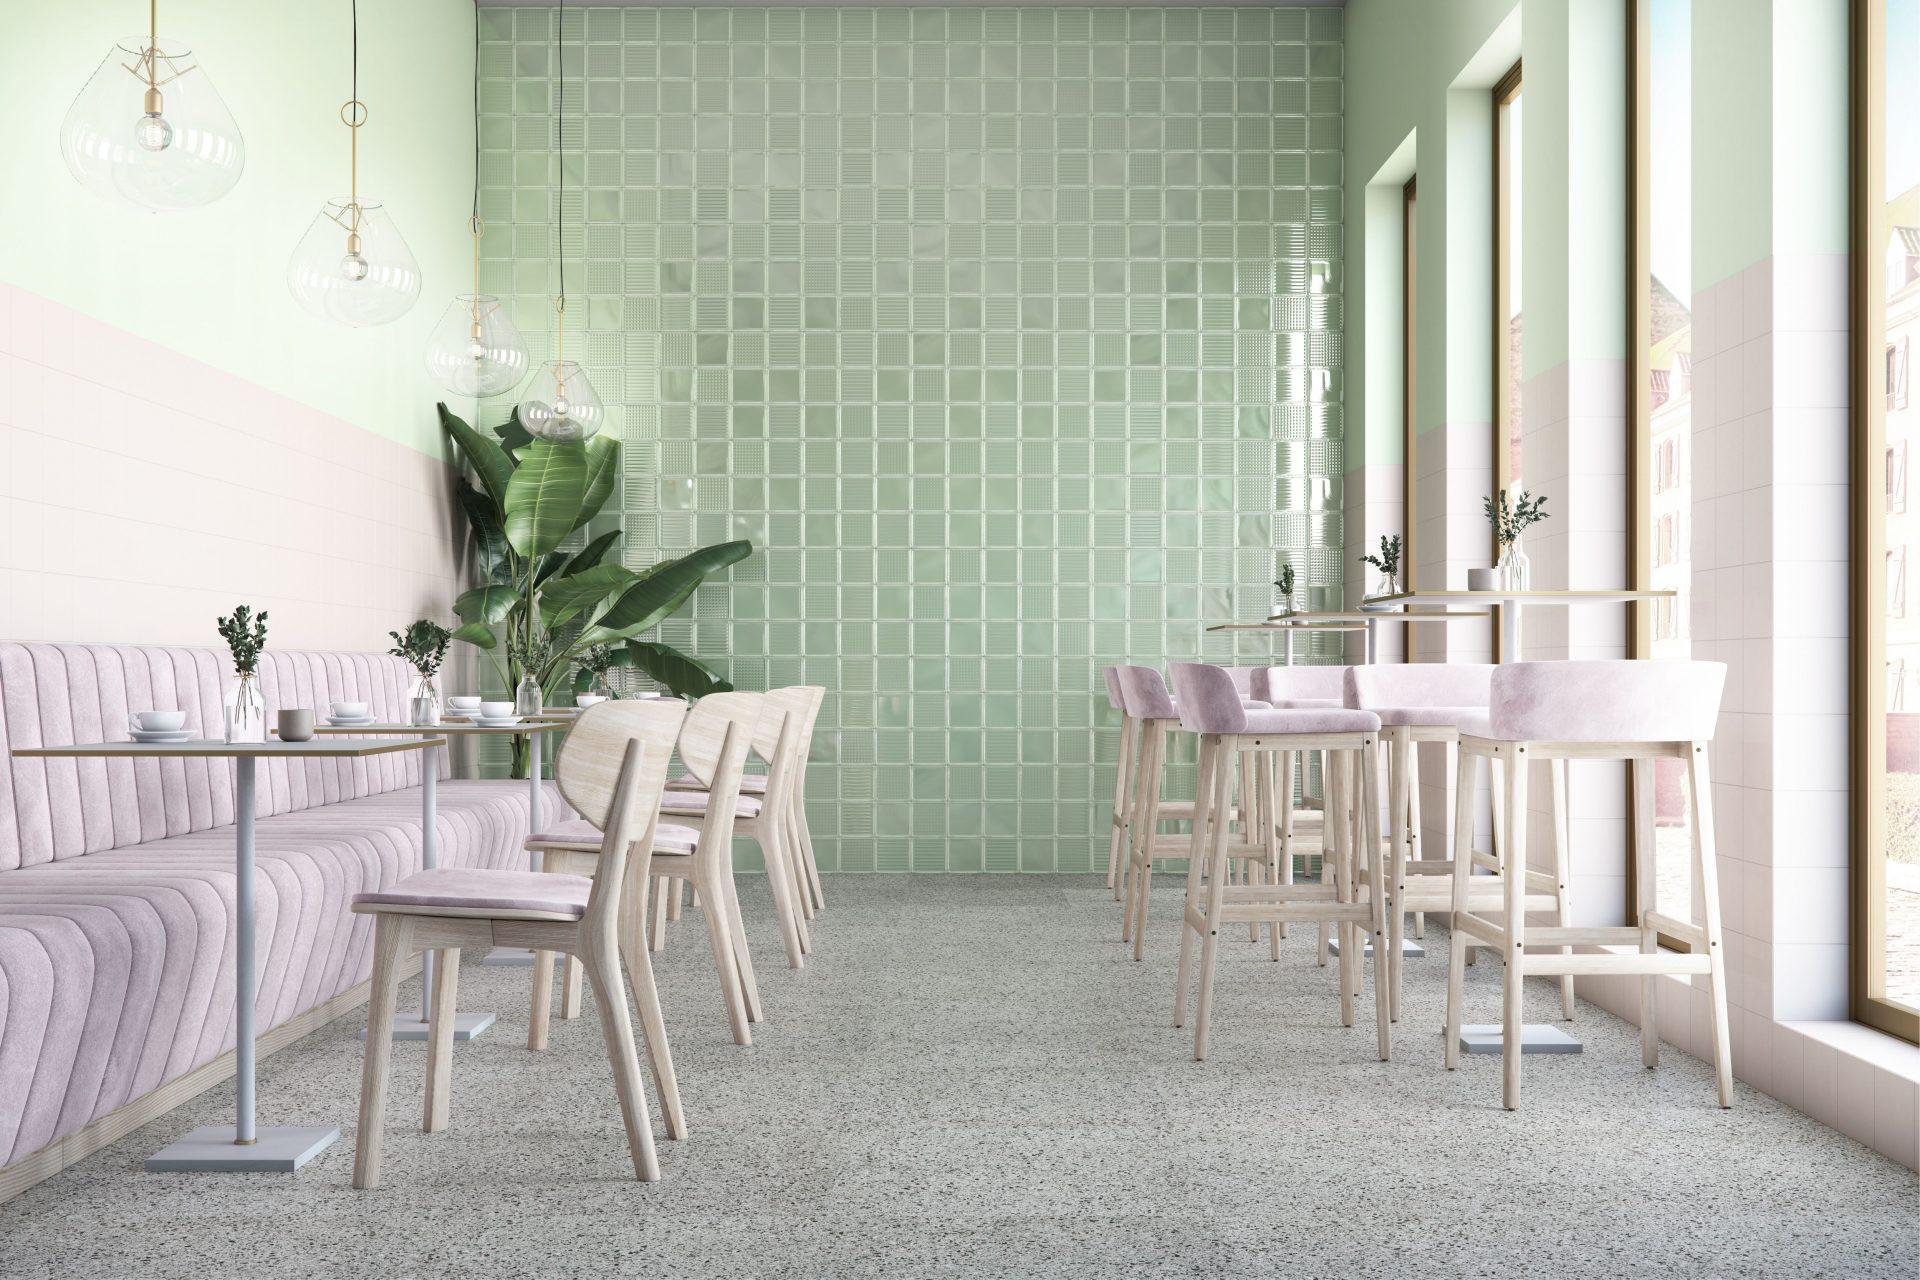 Coleção Decora e a estética dos blocos de vidro